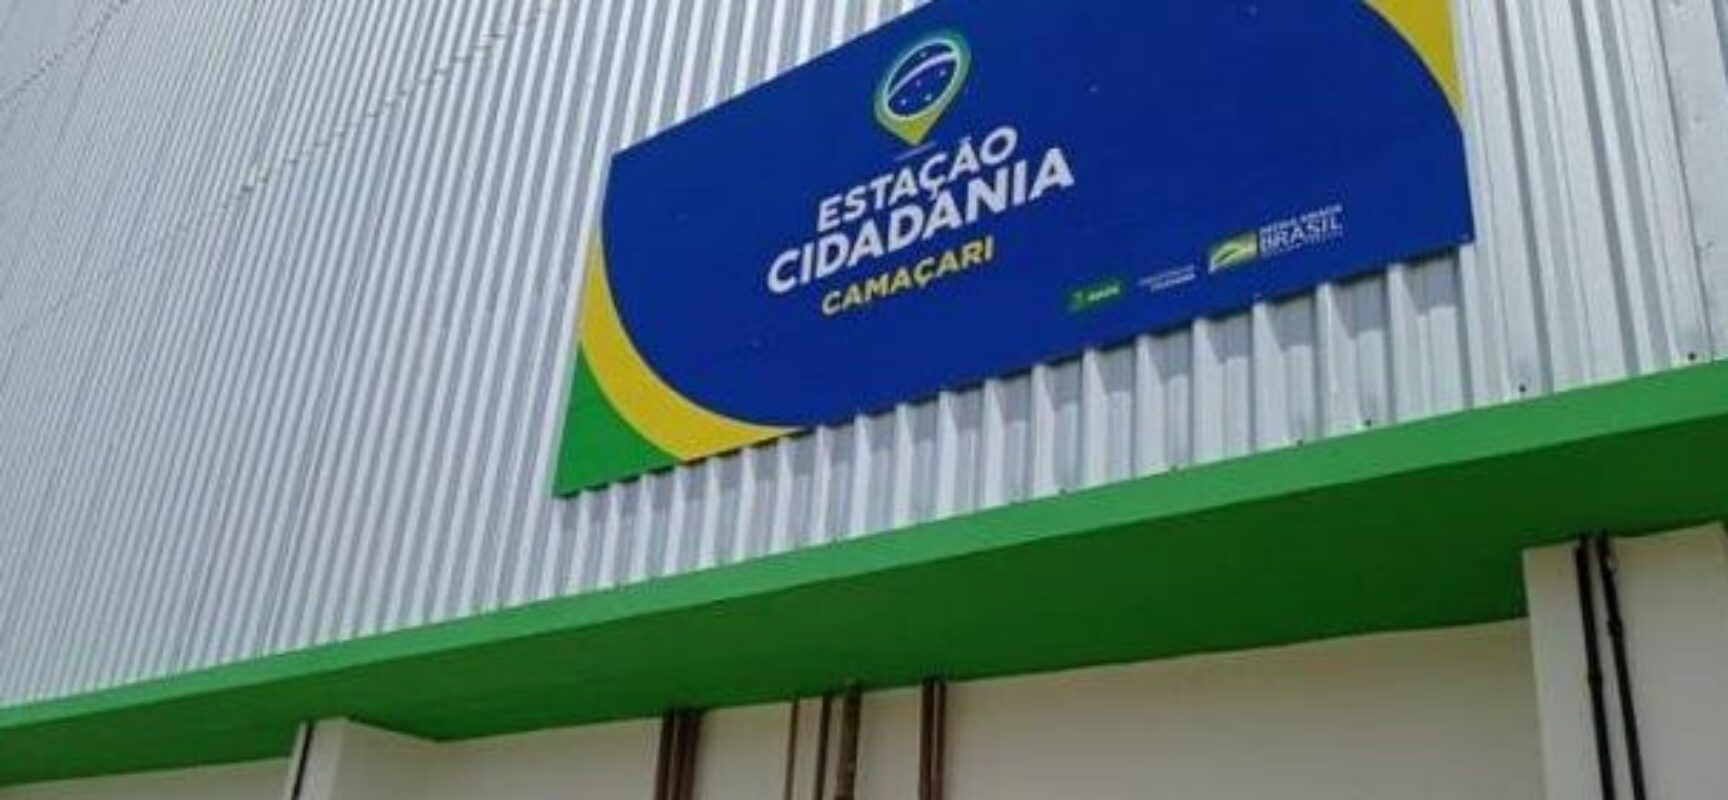 1.000 Dias de Governo: Em Teixeira de Freitas (BA), Governo Federal inaugura Estação Cidadania e faz entregas ao Estado